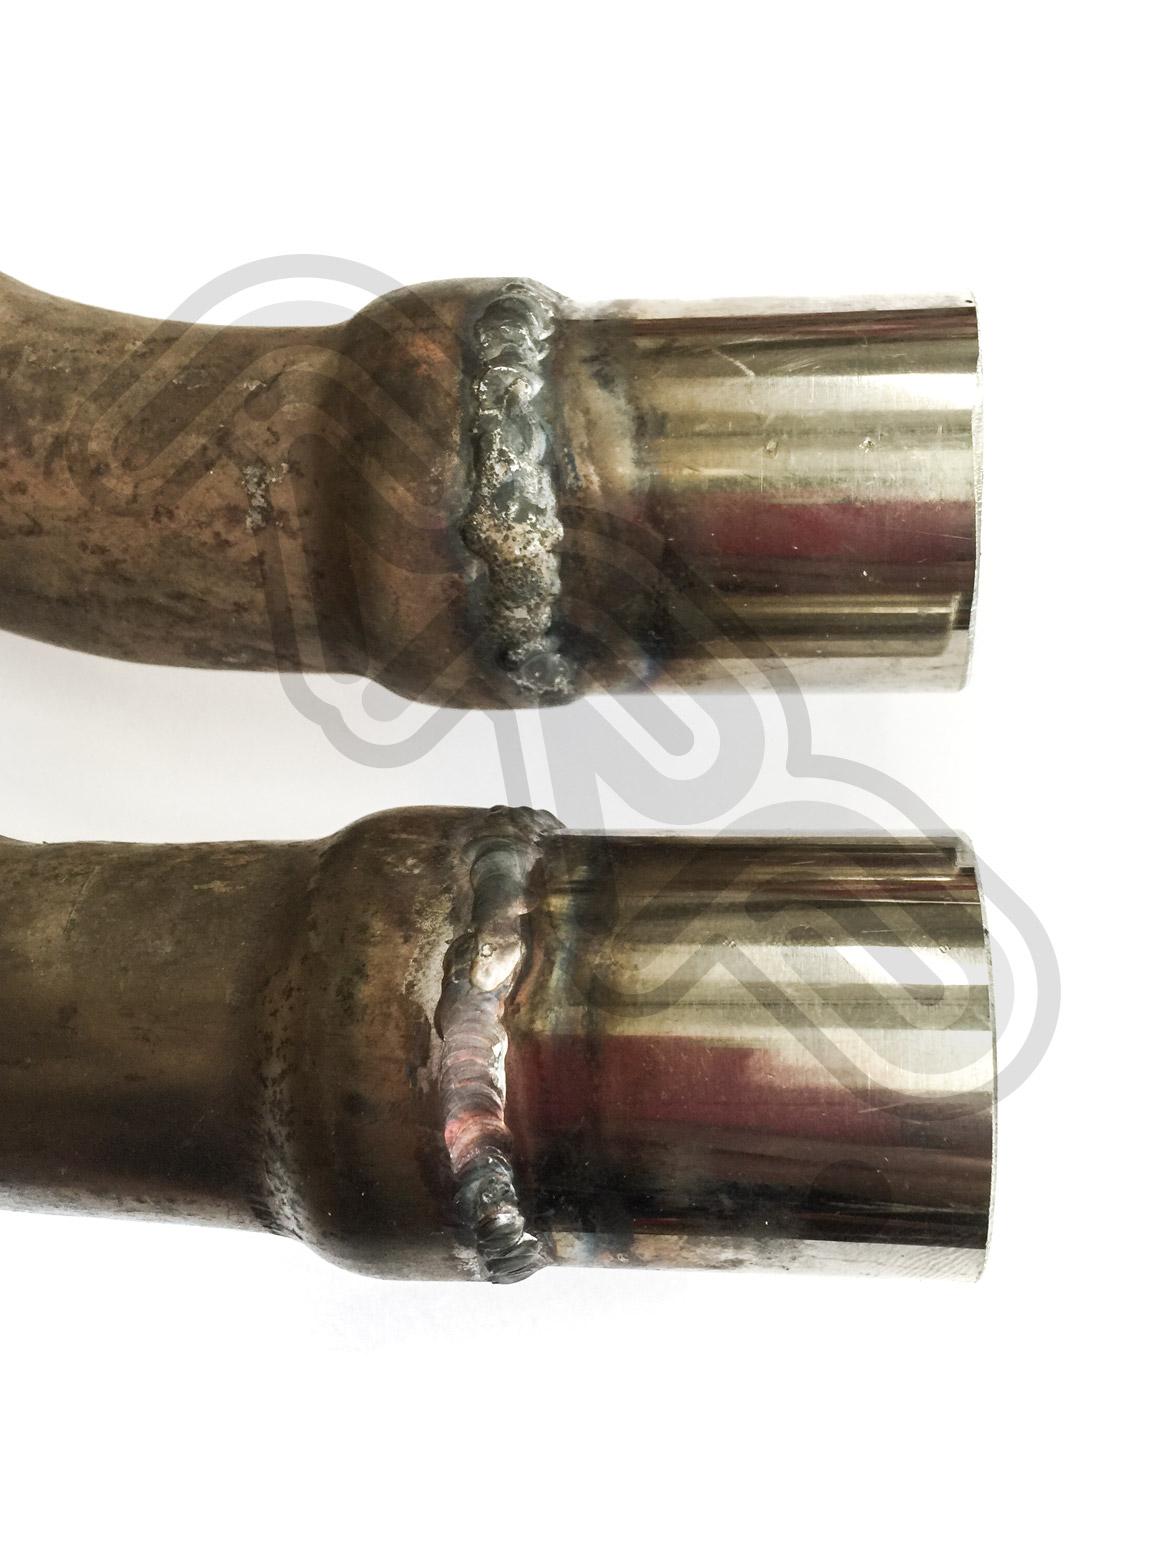 Honda VFR400 NC30 Exhaust Collector Pipe Repair Collars